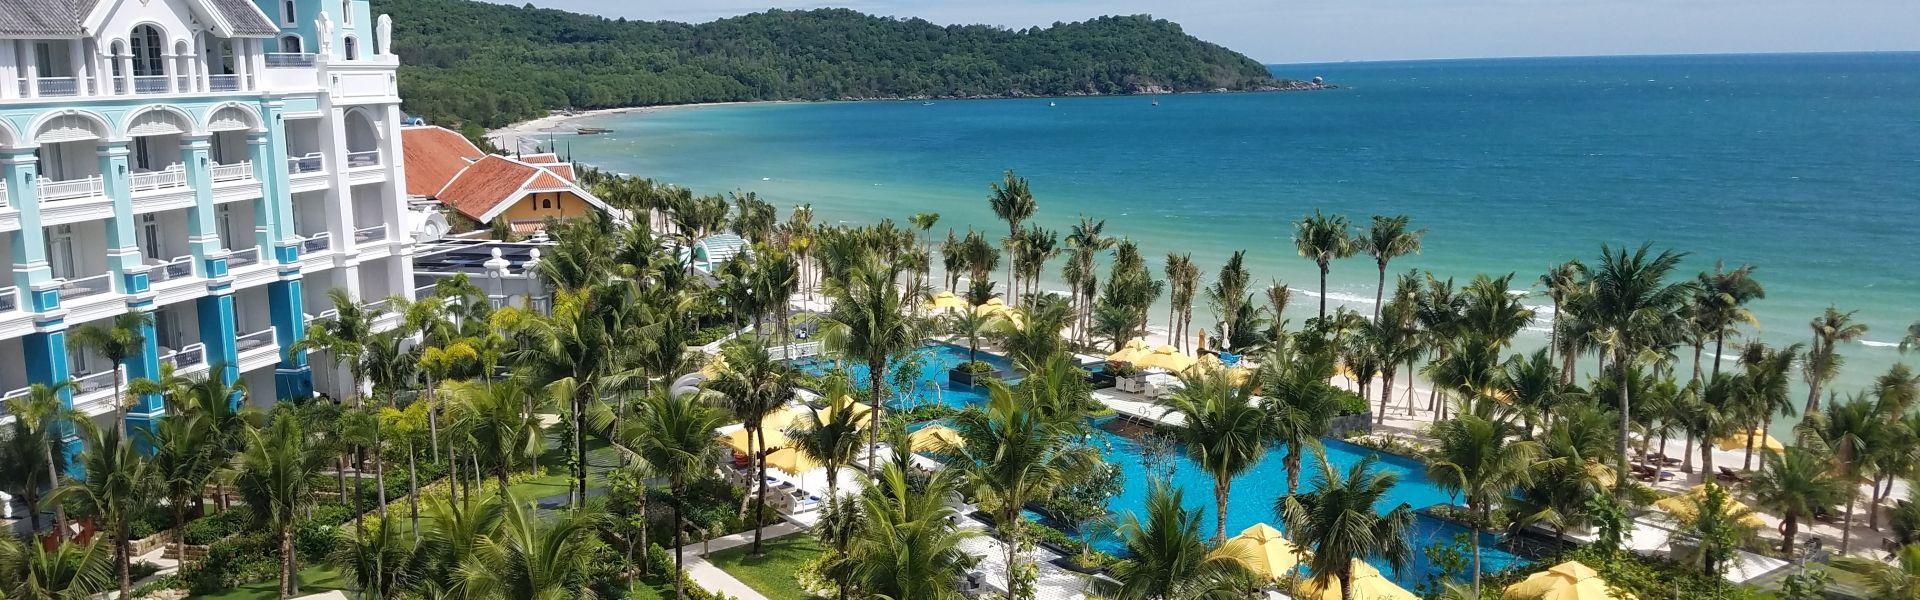 Марриот Фукуок Эмирэйд Бэй Резорт Спа ( JW Marriott Phu Quoc Emeraid Bay Resort Spa)